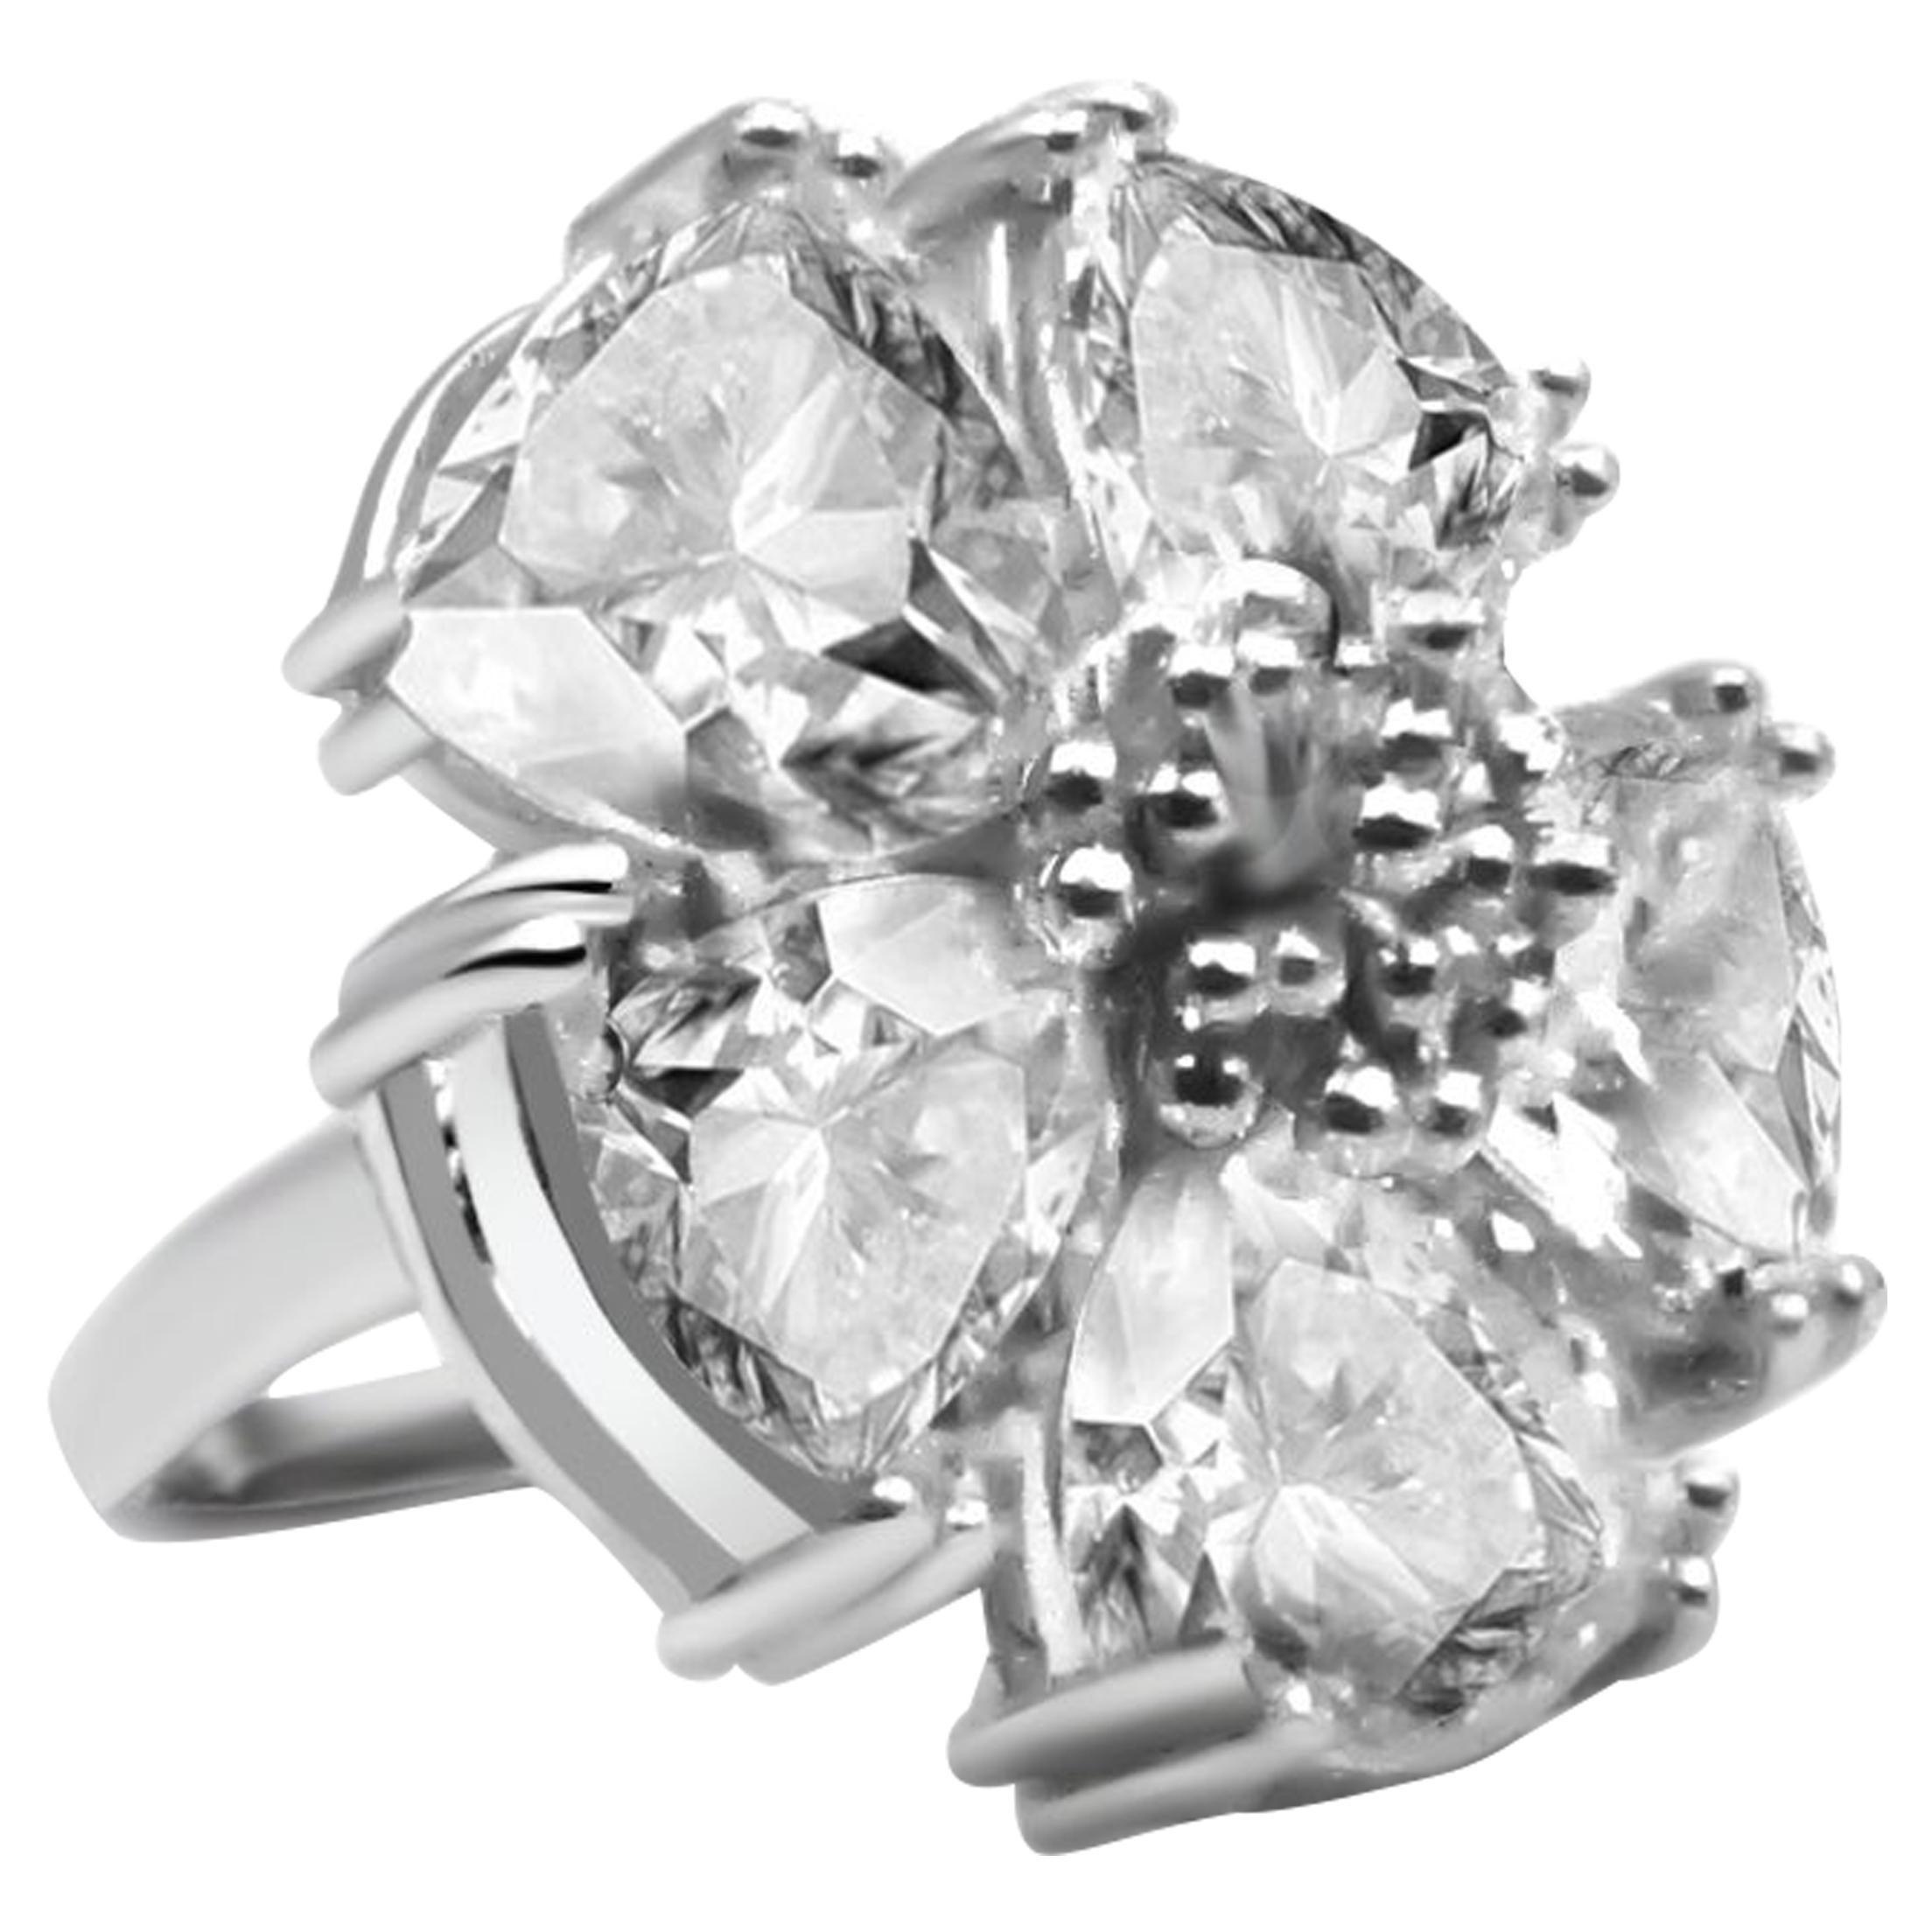 White Topaz Blossom Stone Ring